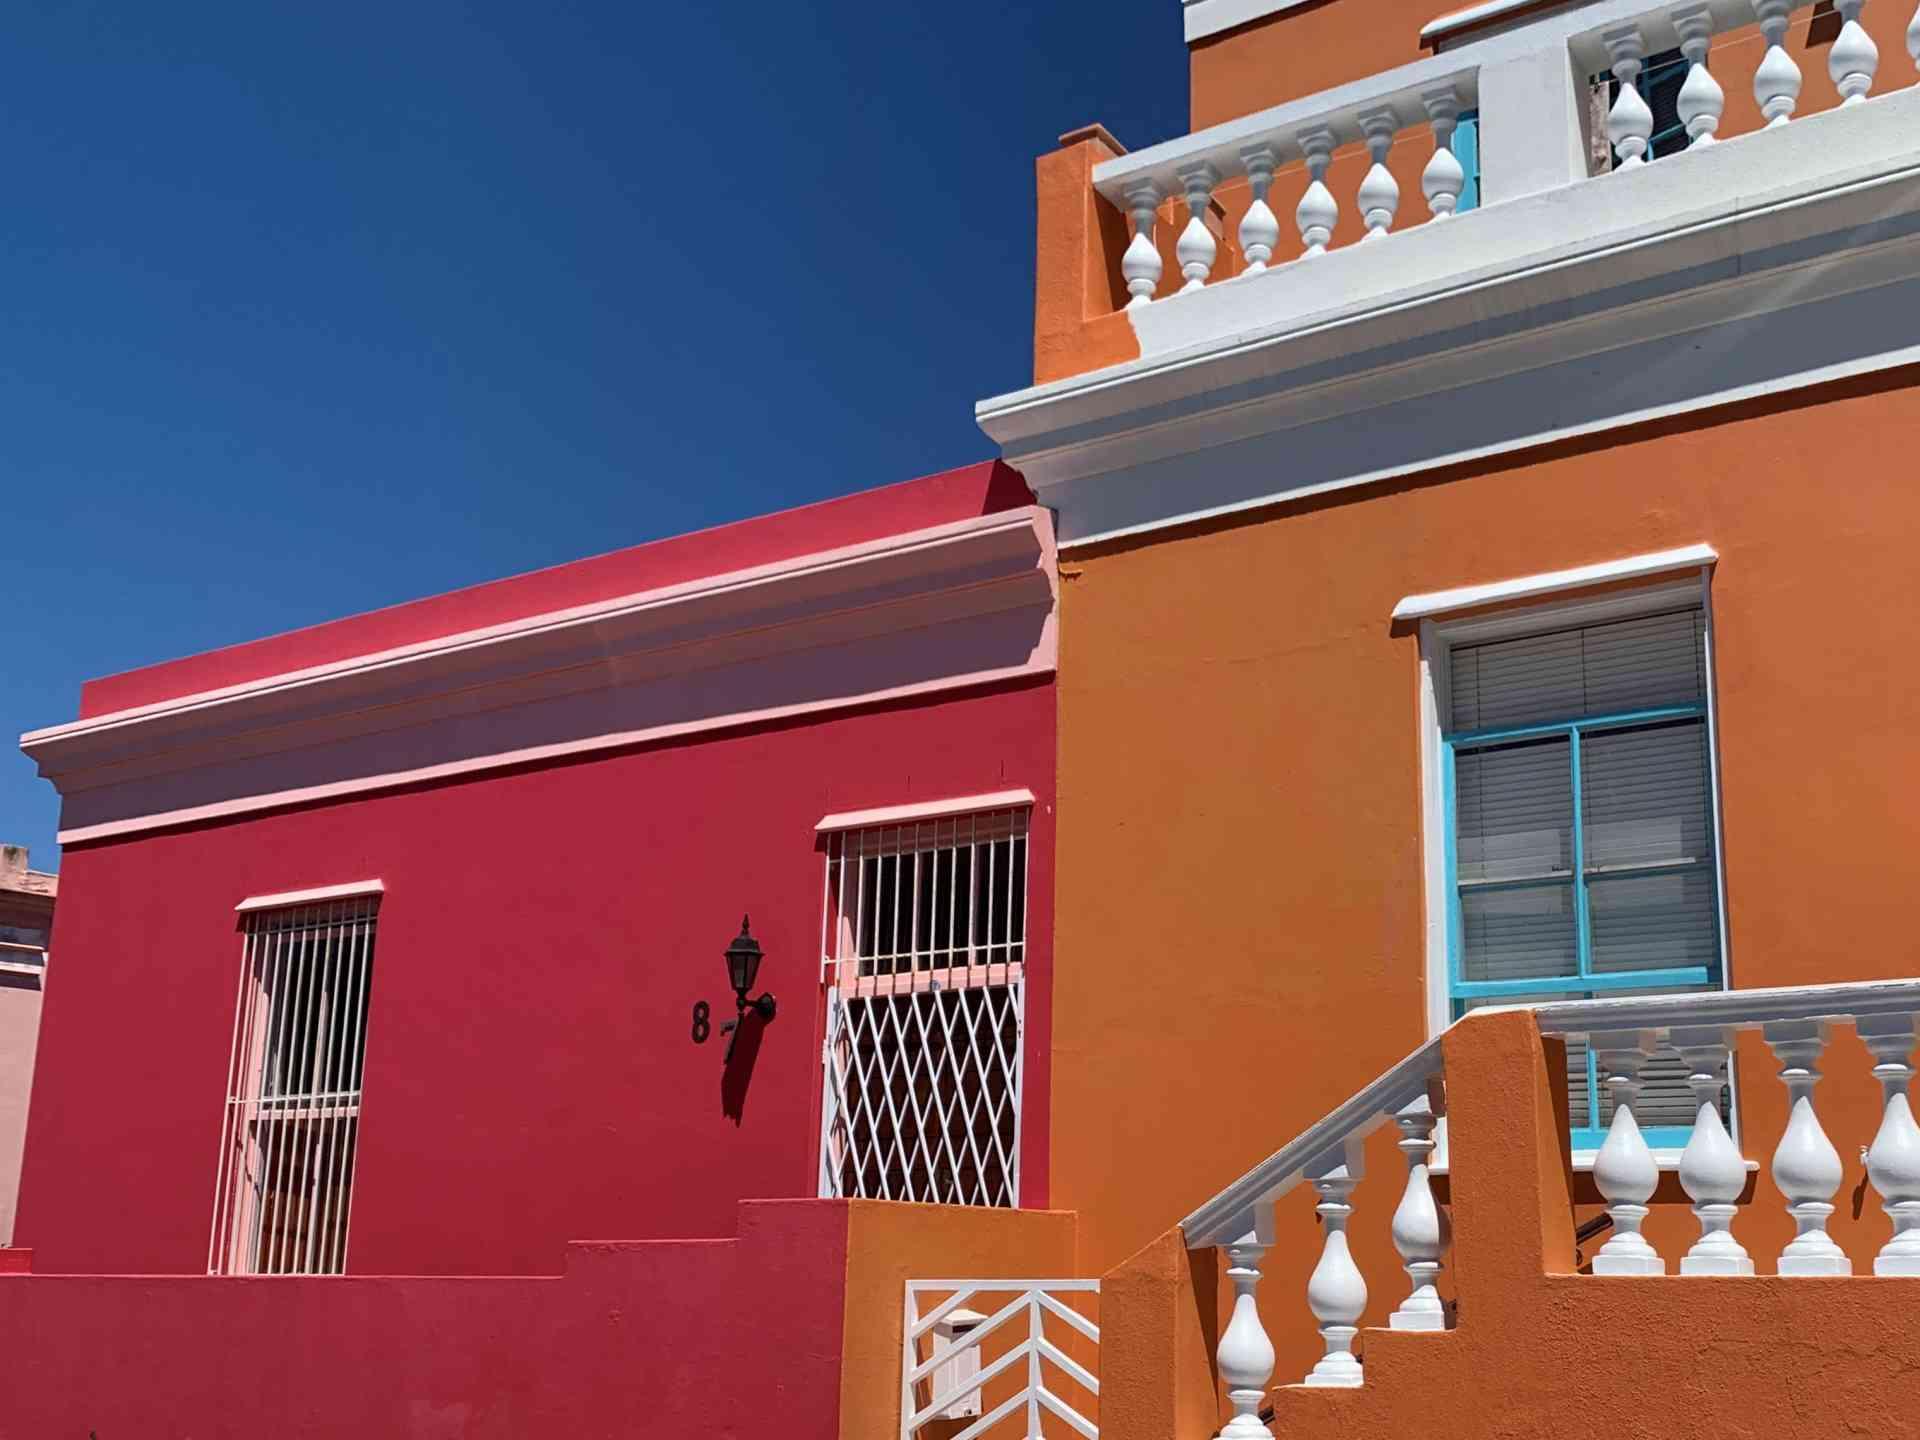 Bo Kapp, South Africa by Emily Fraser